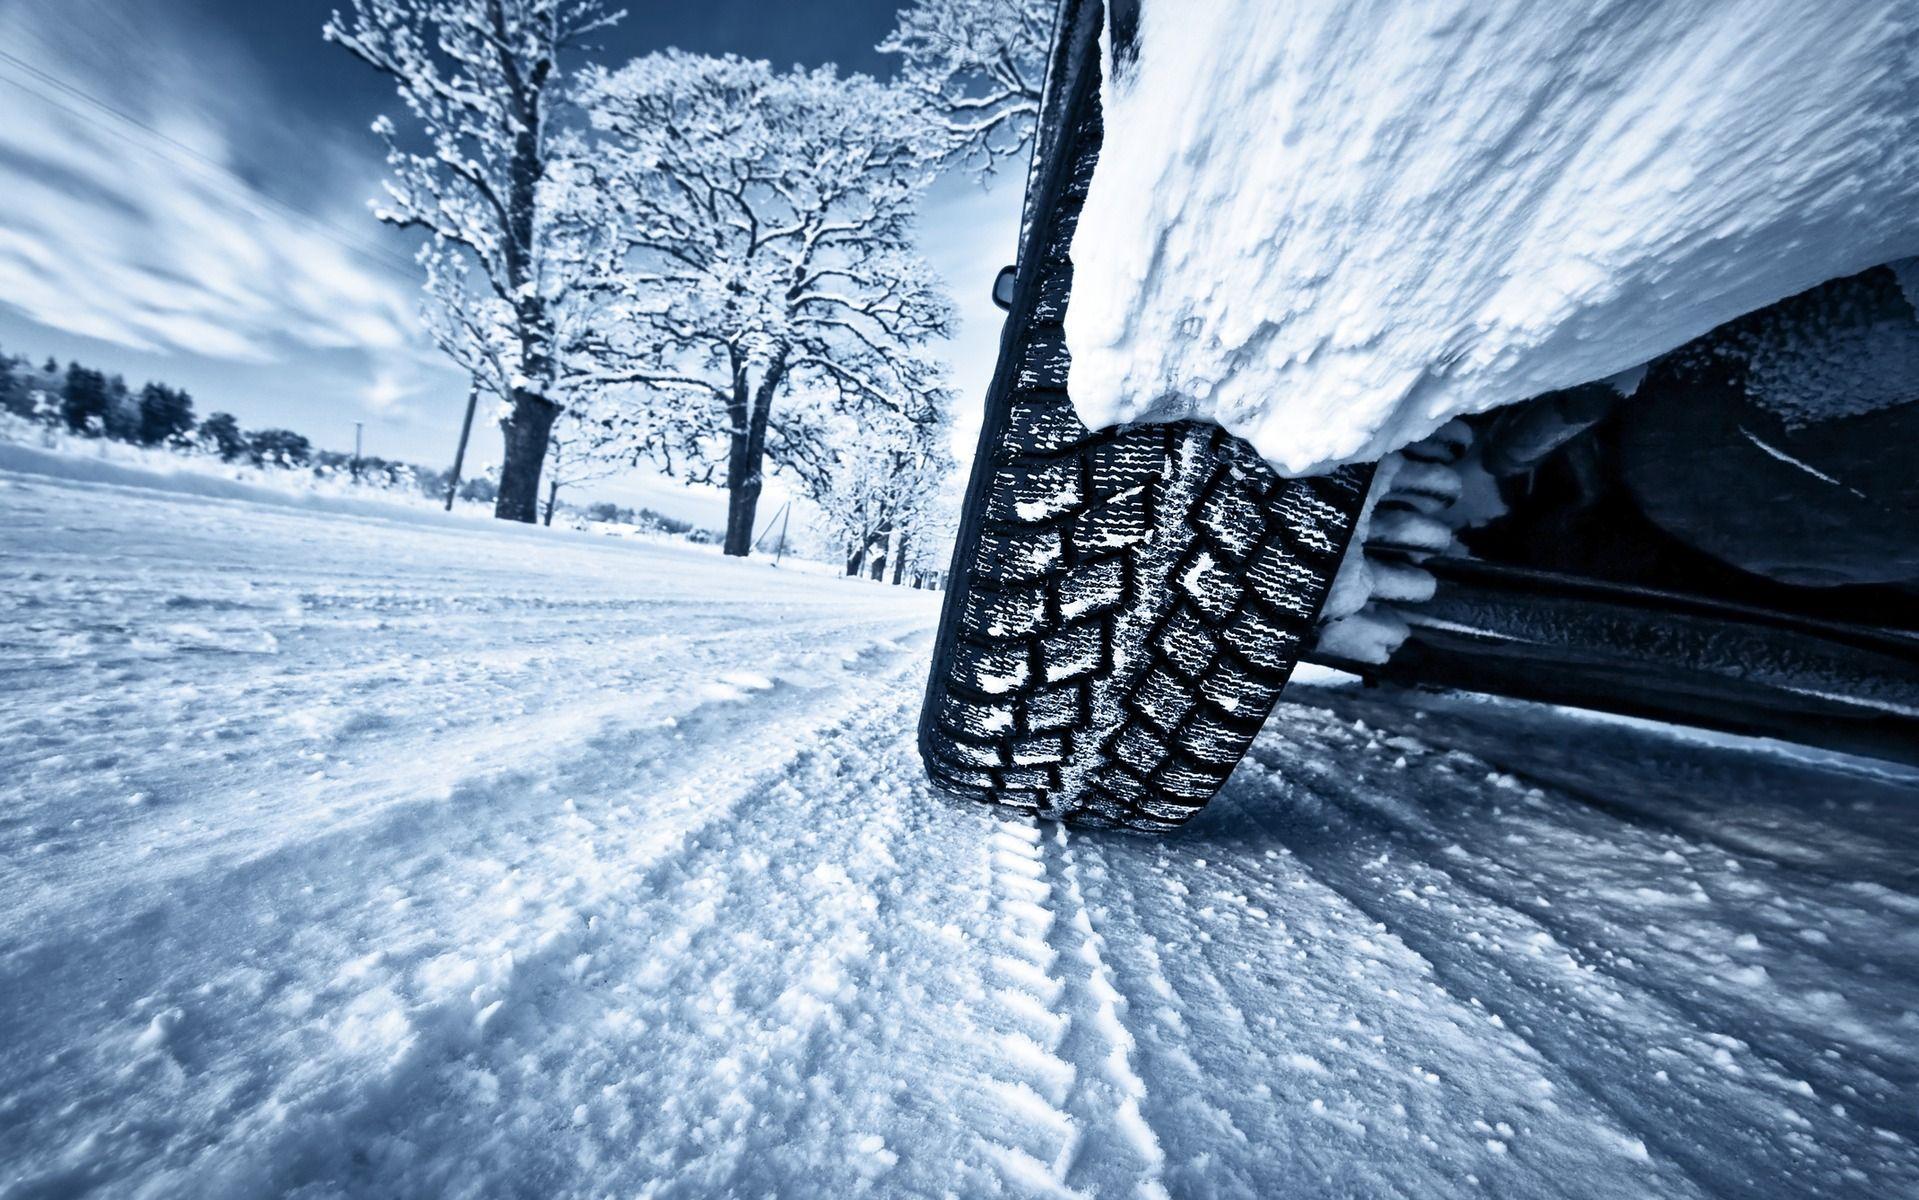 Infocar -你需要知道的雪胎的事情都在这里!冬天将至,生活在多伦多到底要不要换雪胎?